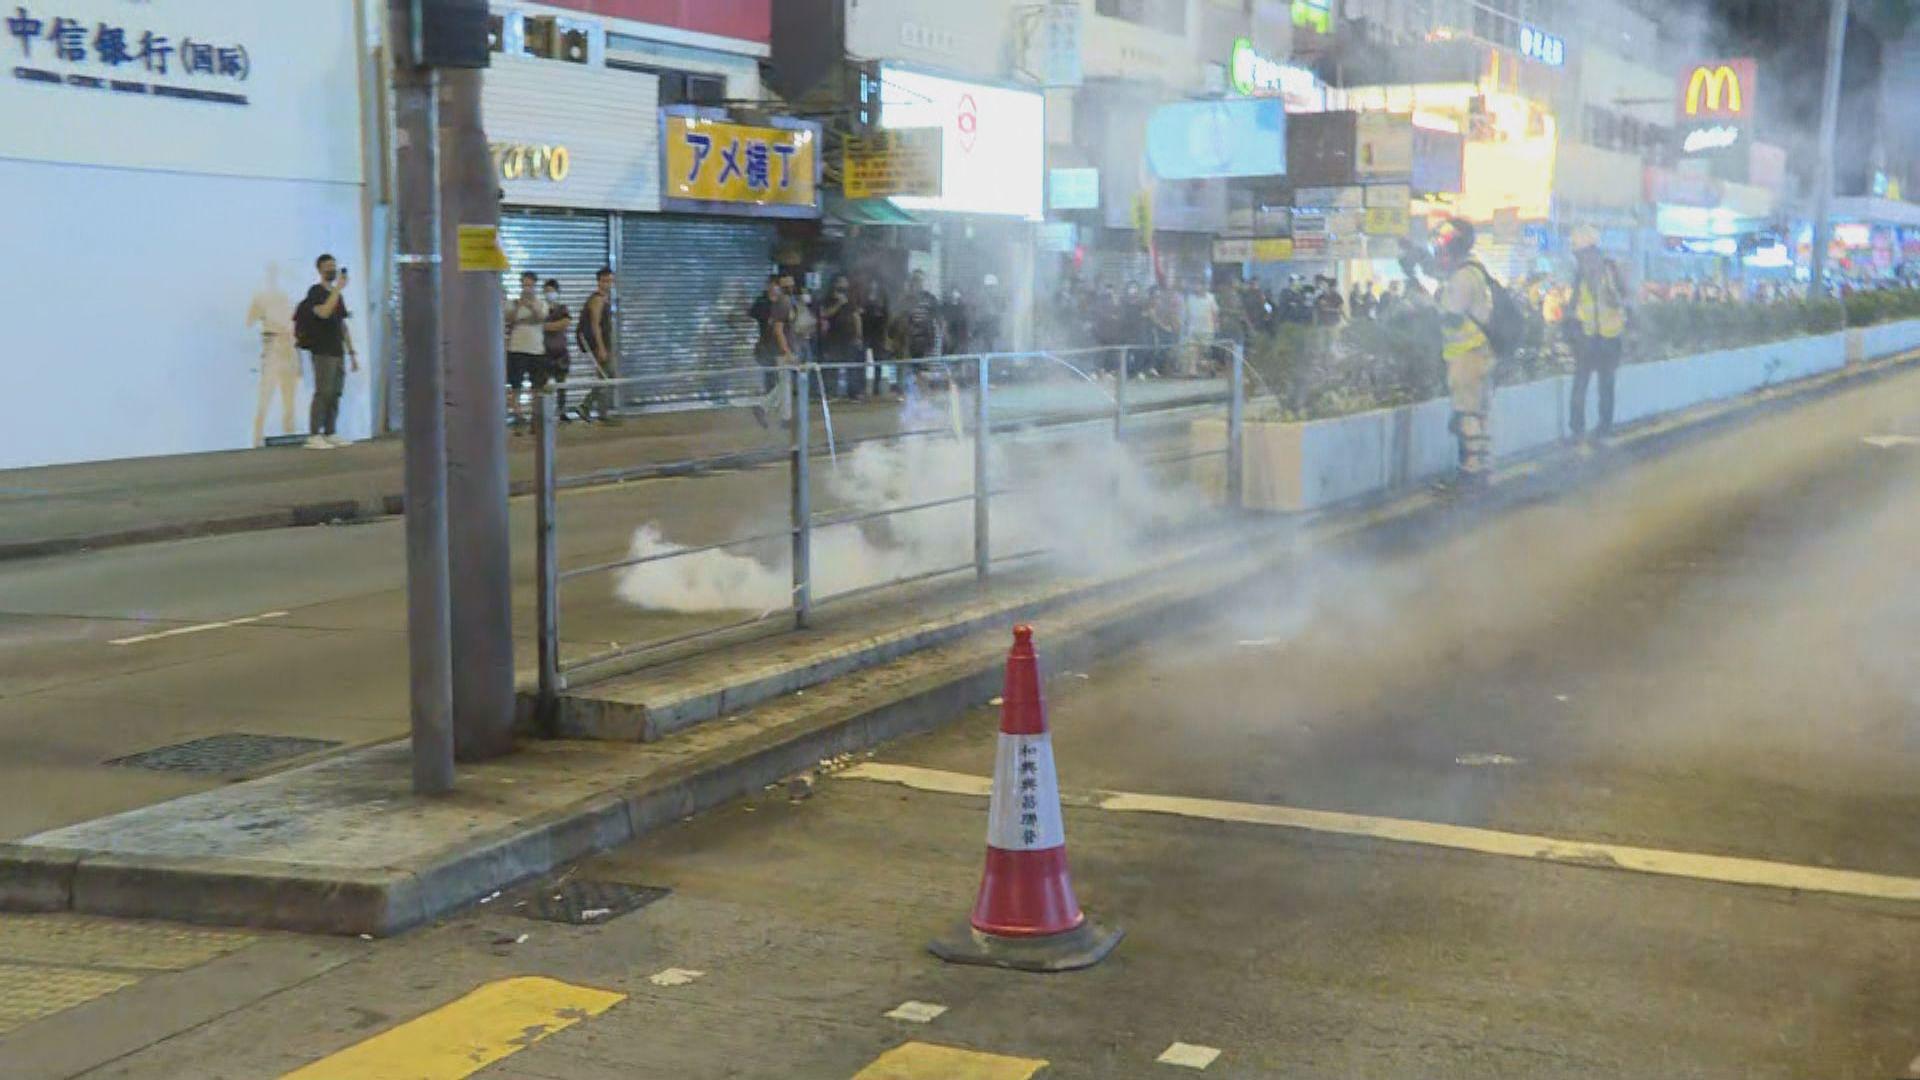 太子站外有人群聚集 警方發射催淚彈驅散